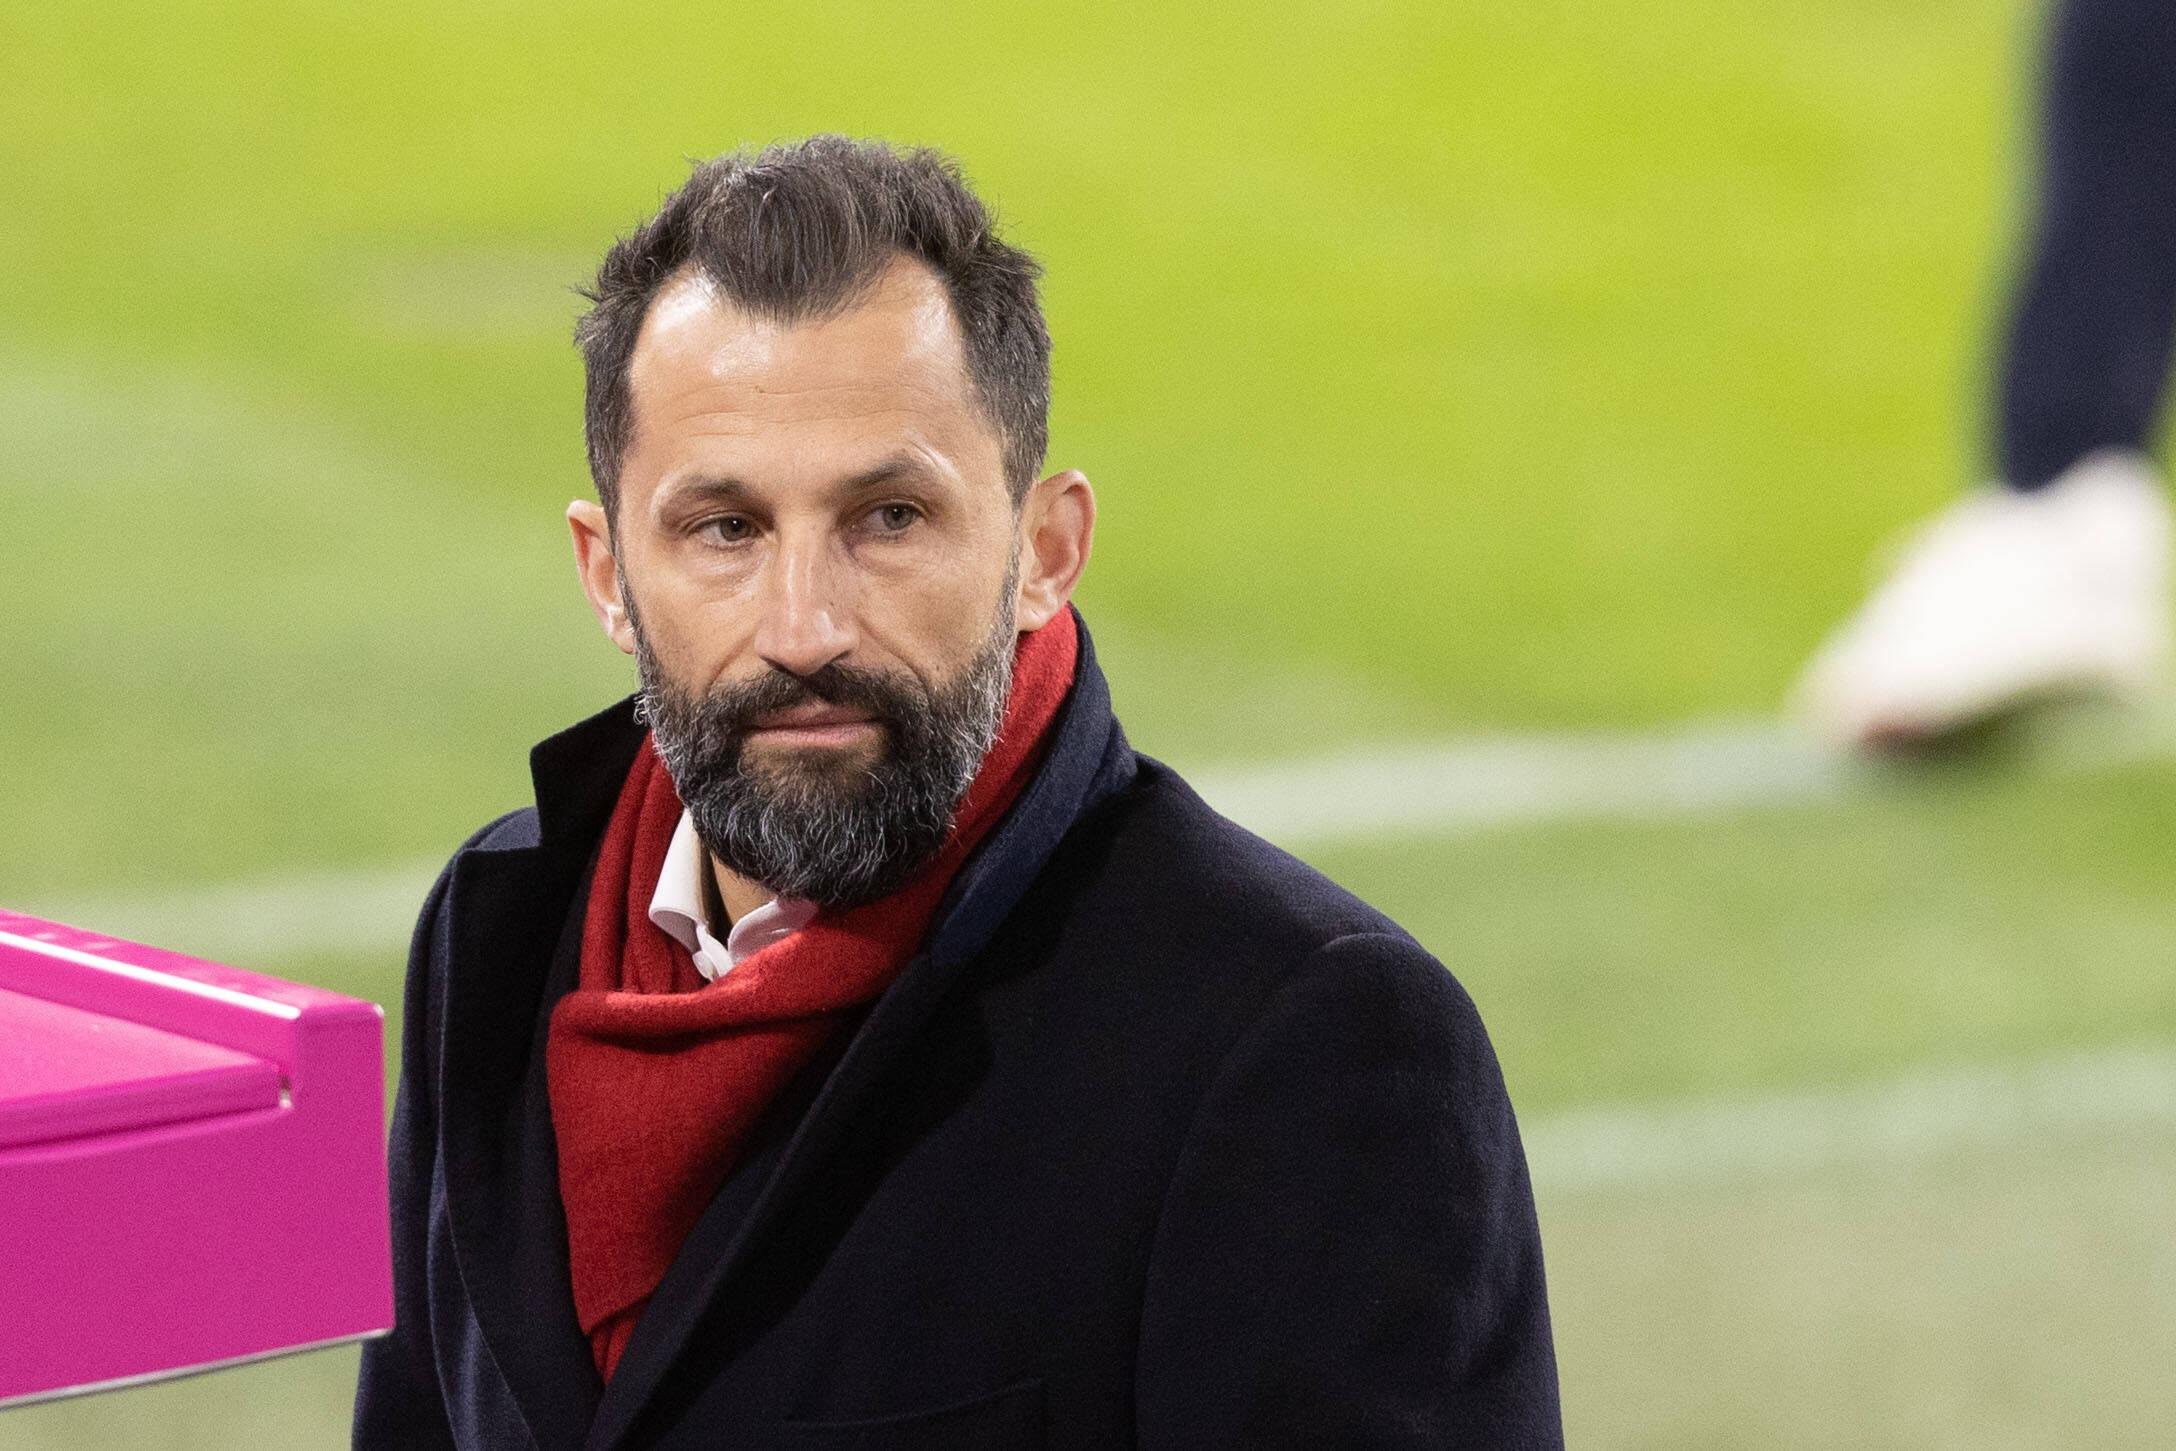 Bericht: Bayern-Transferplanungen liegen derzeit auf Eis - Aktuelle FC Bayern News, Transfergerüchte, Hintergrundberichte uvm. - fcbinside.de